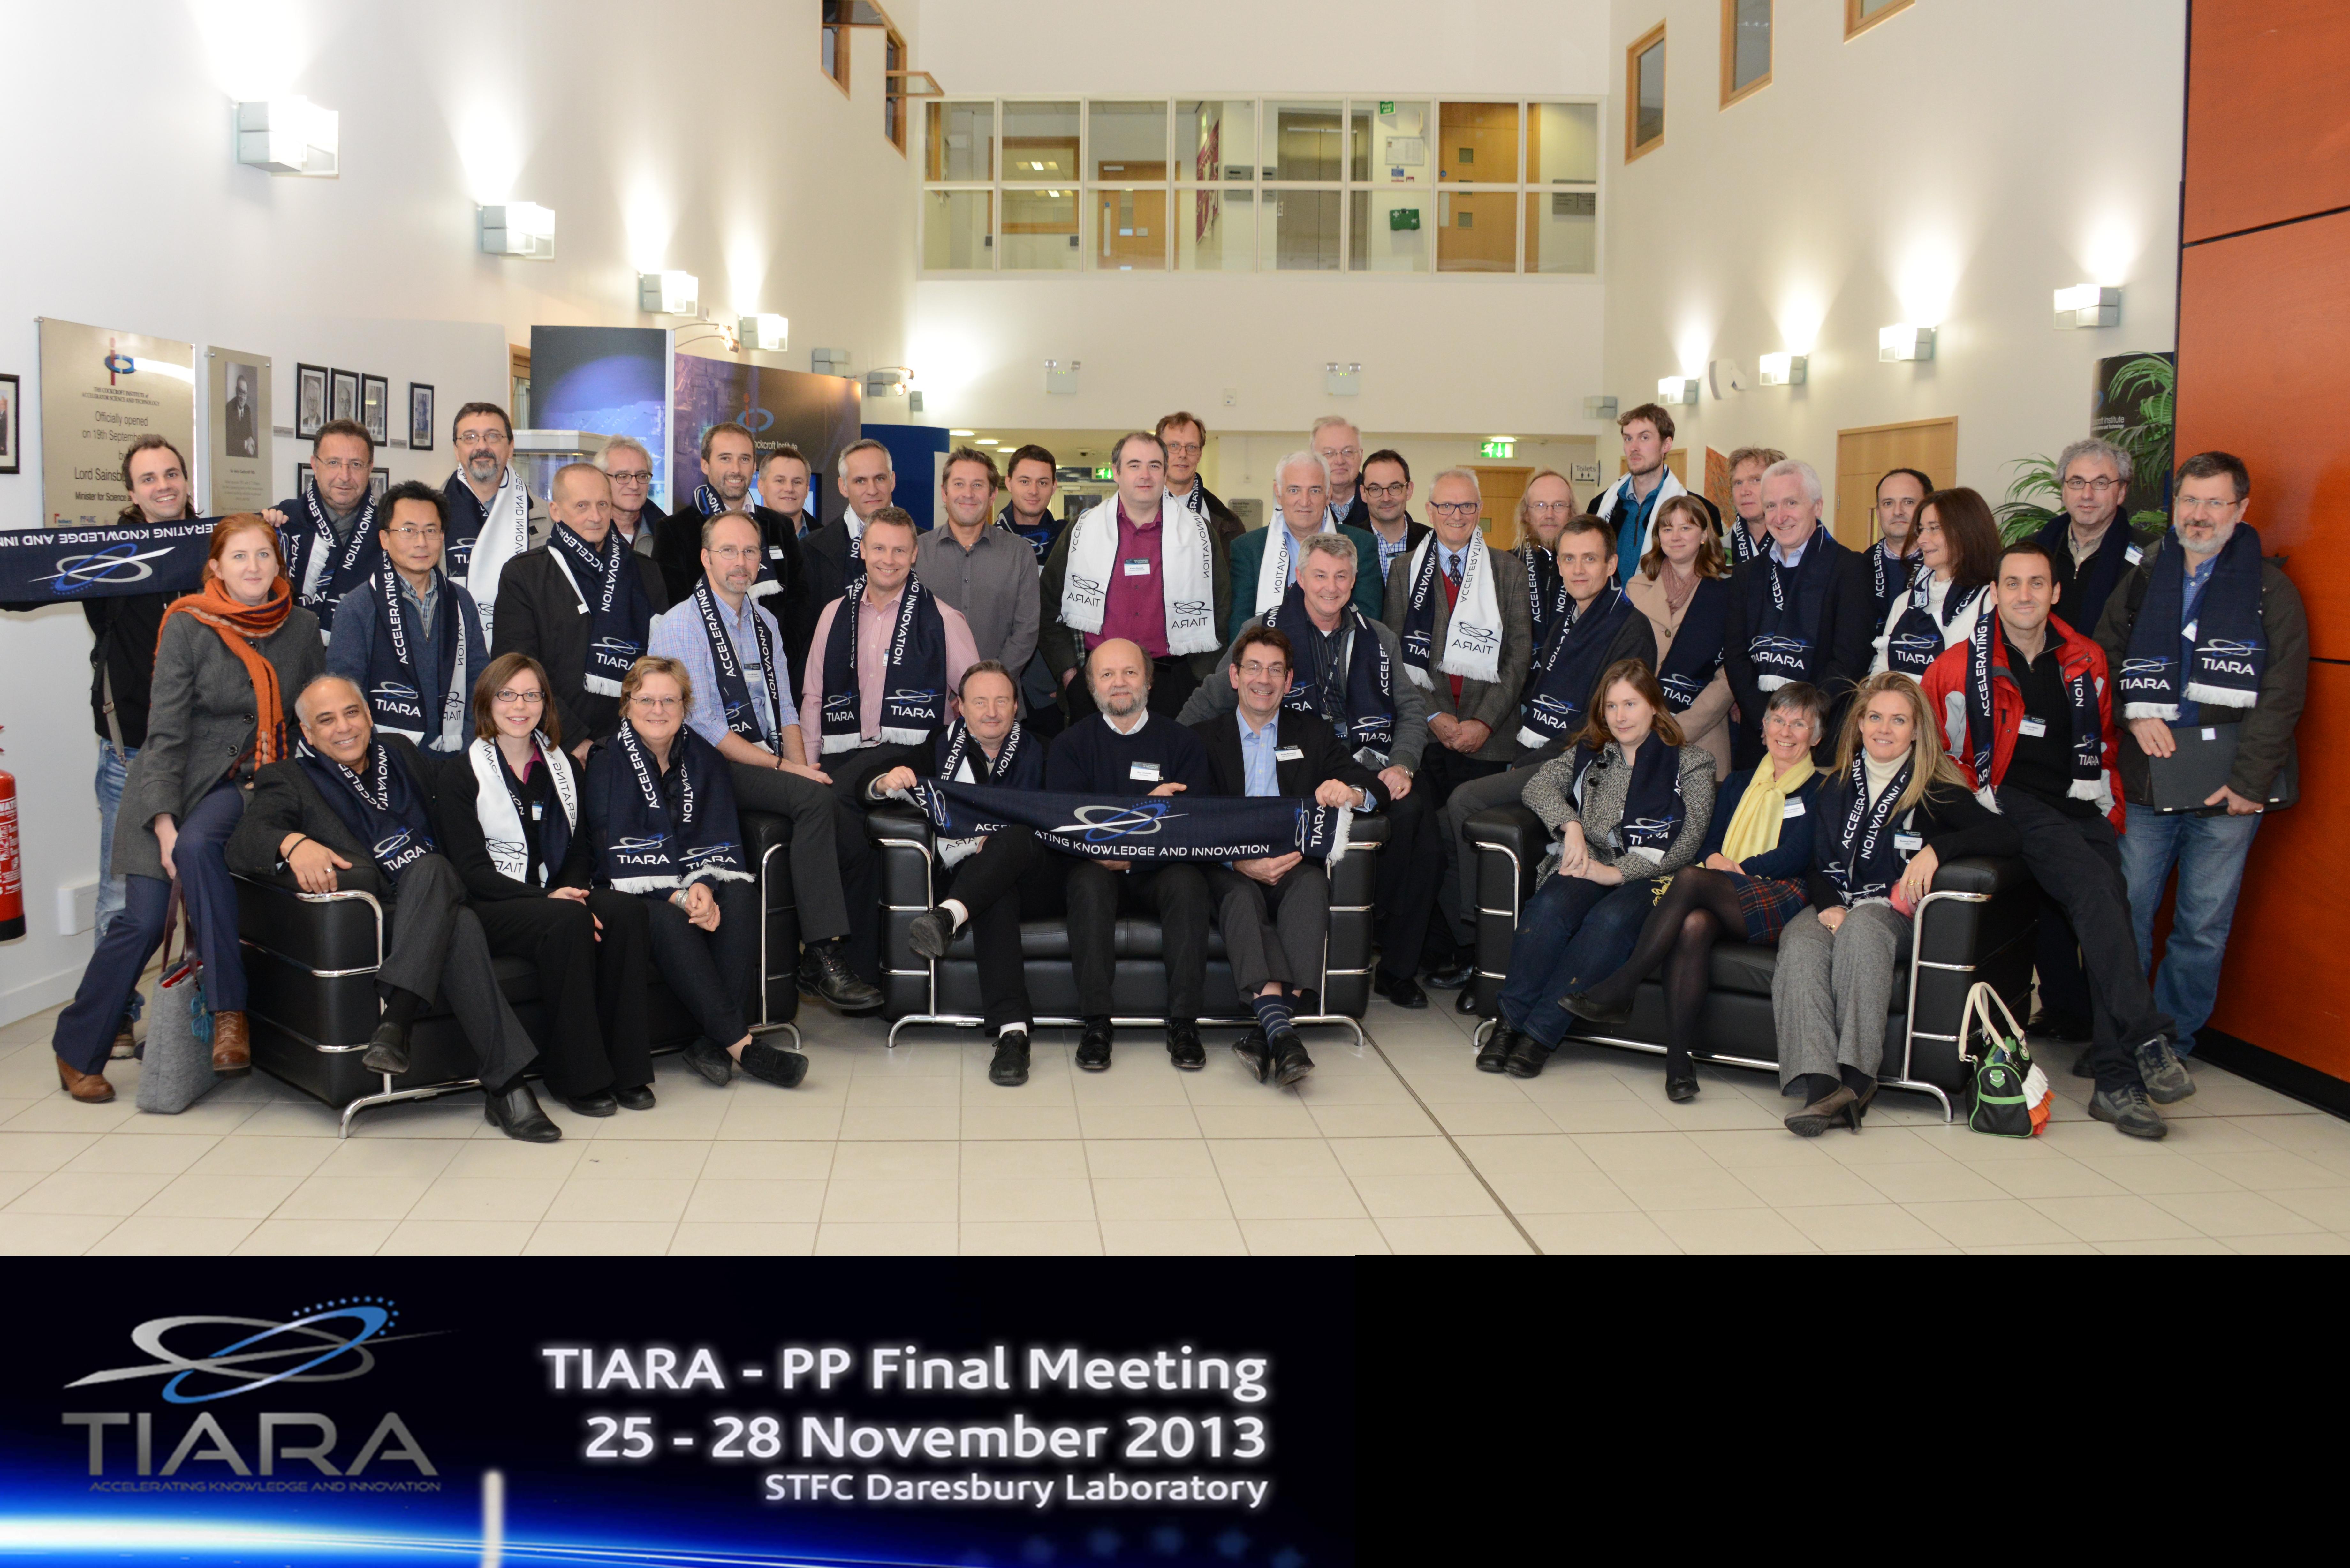 TIARA-PP final general meeting held at Daresbury lab, November 25-27